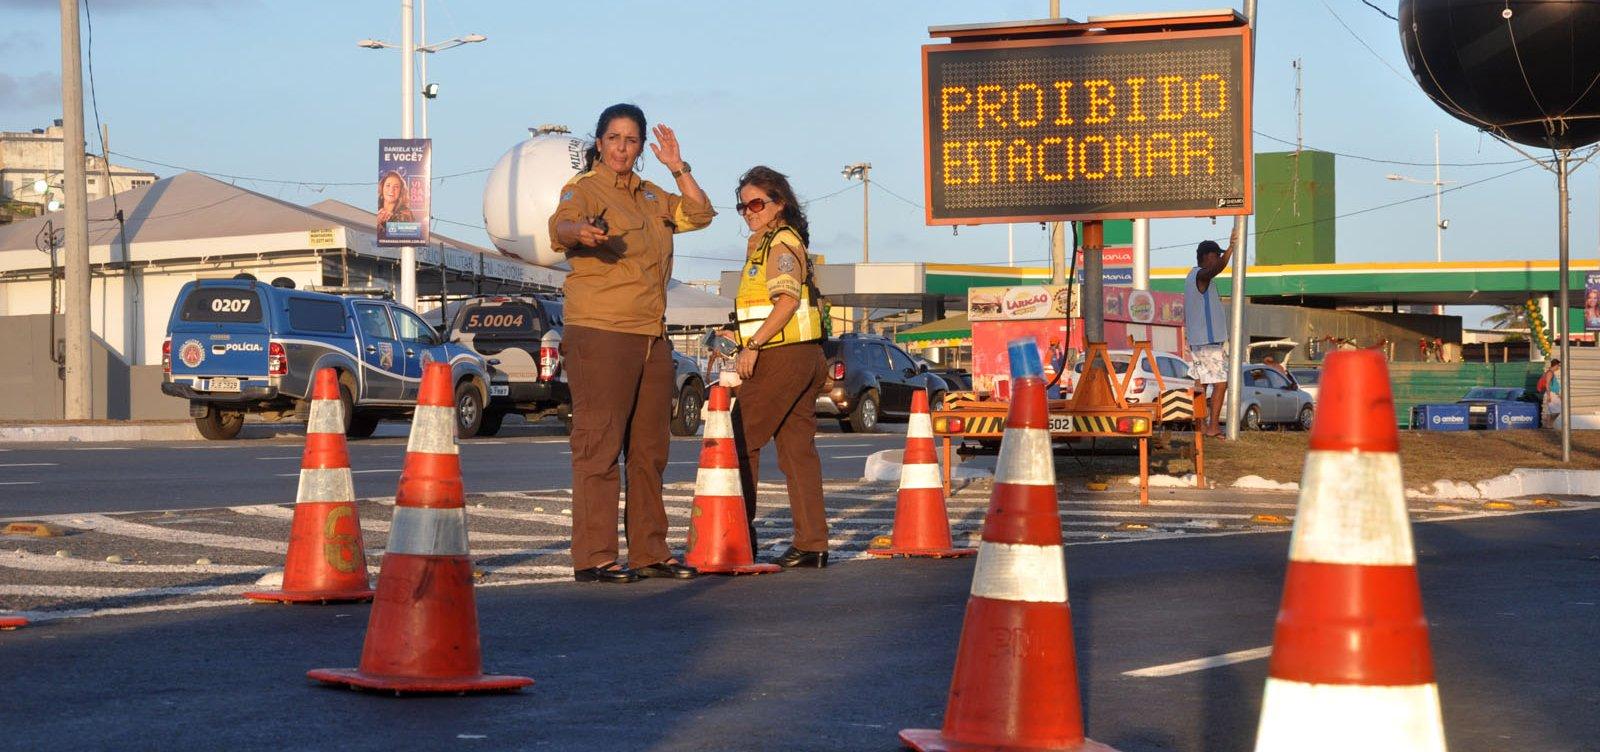 [Festival da Primavera causa alterações no trânsito de Salvador neste domingo]